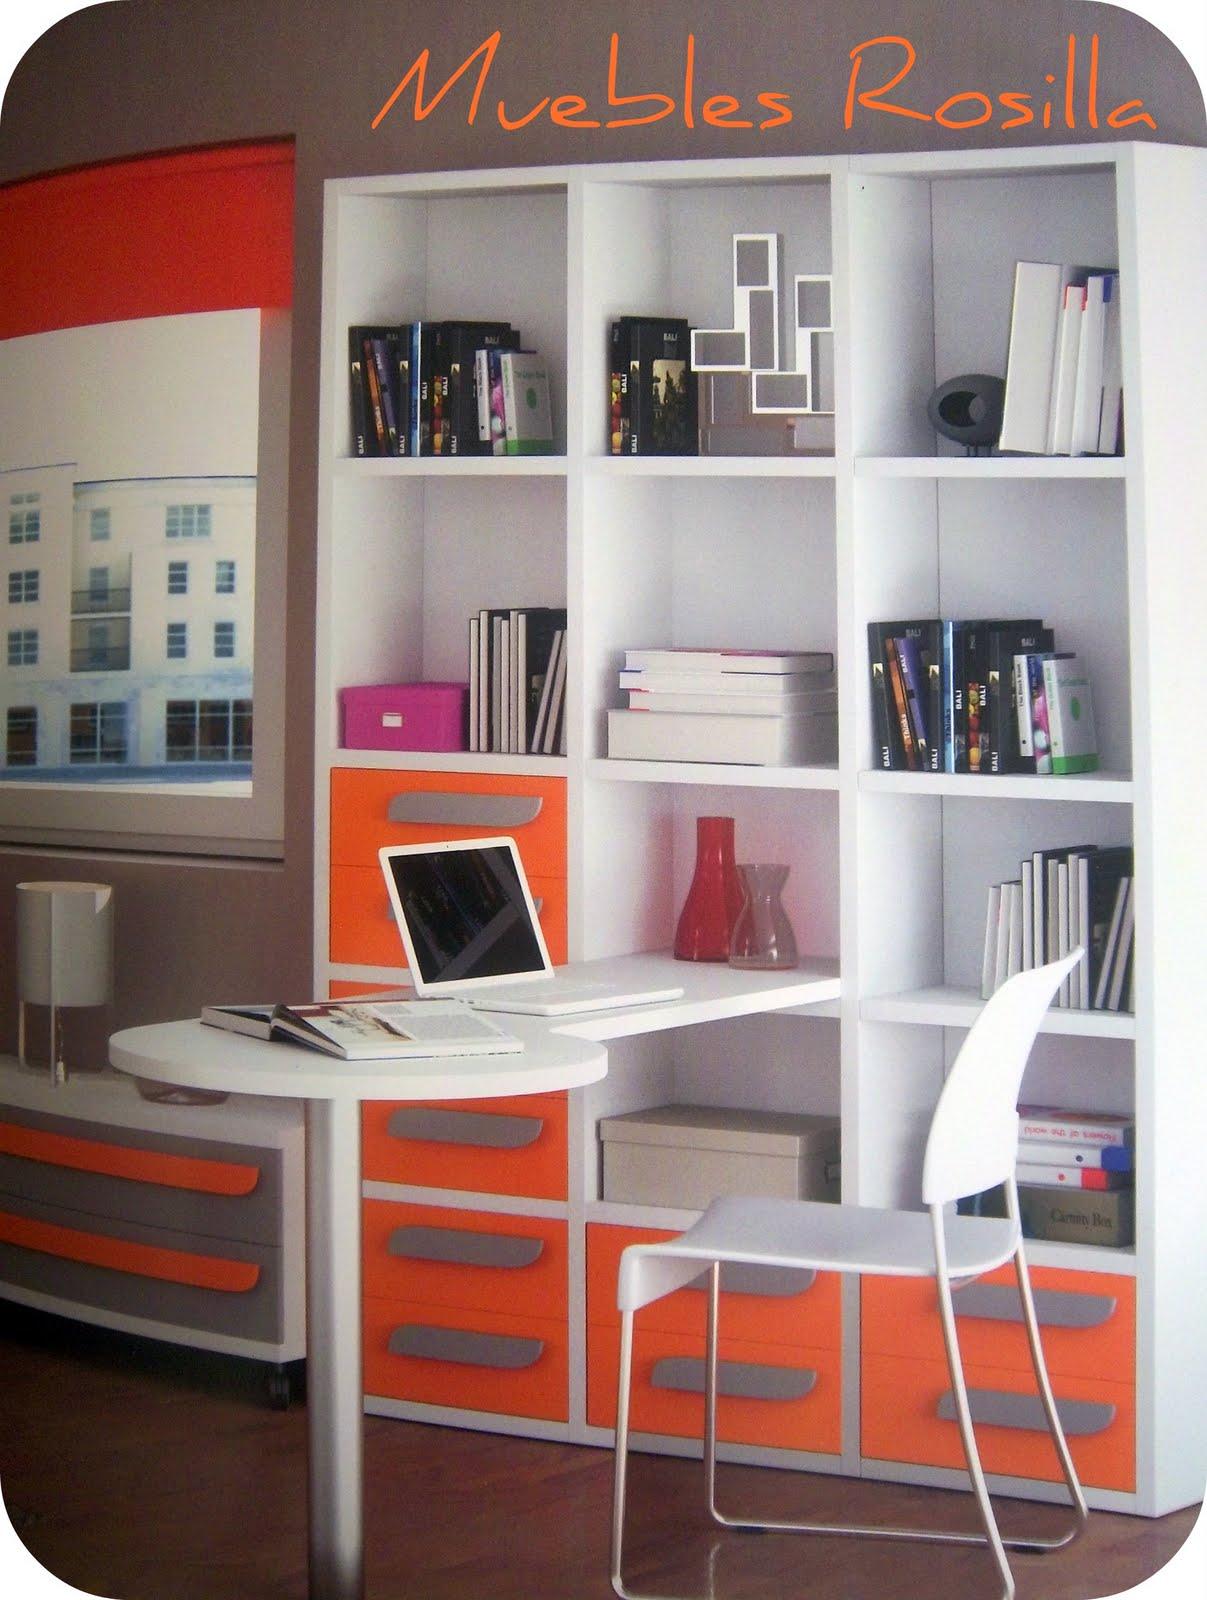 Muebles rosilla herv s como organizar la zona de estudio for Muebles hervas